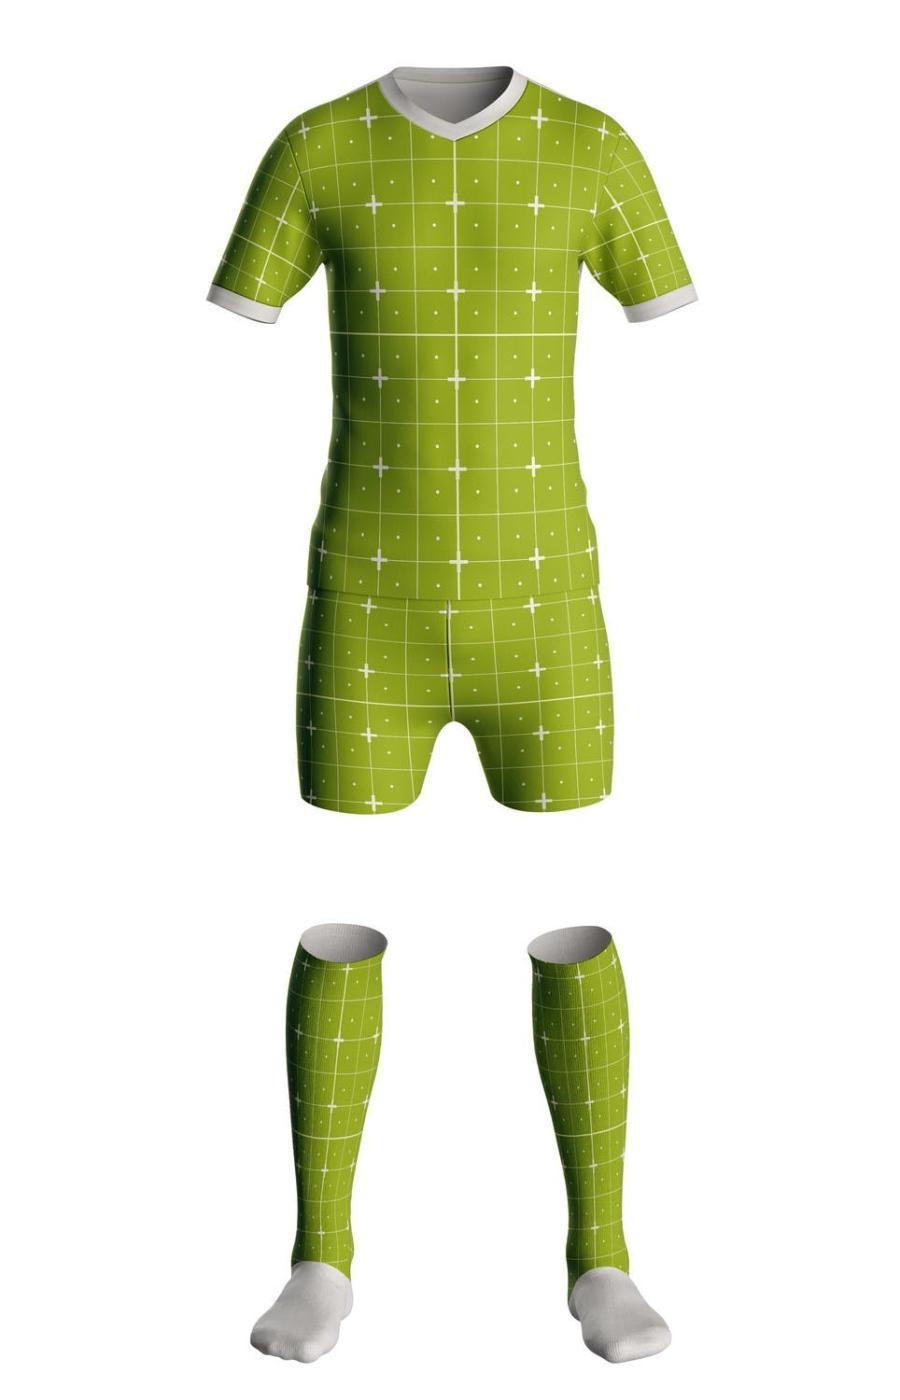 足球服运动服PS样机素材插图(1)